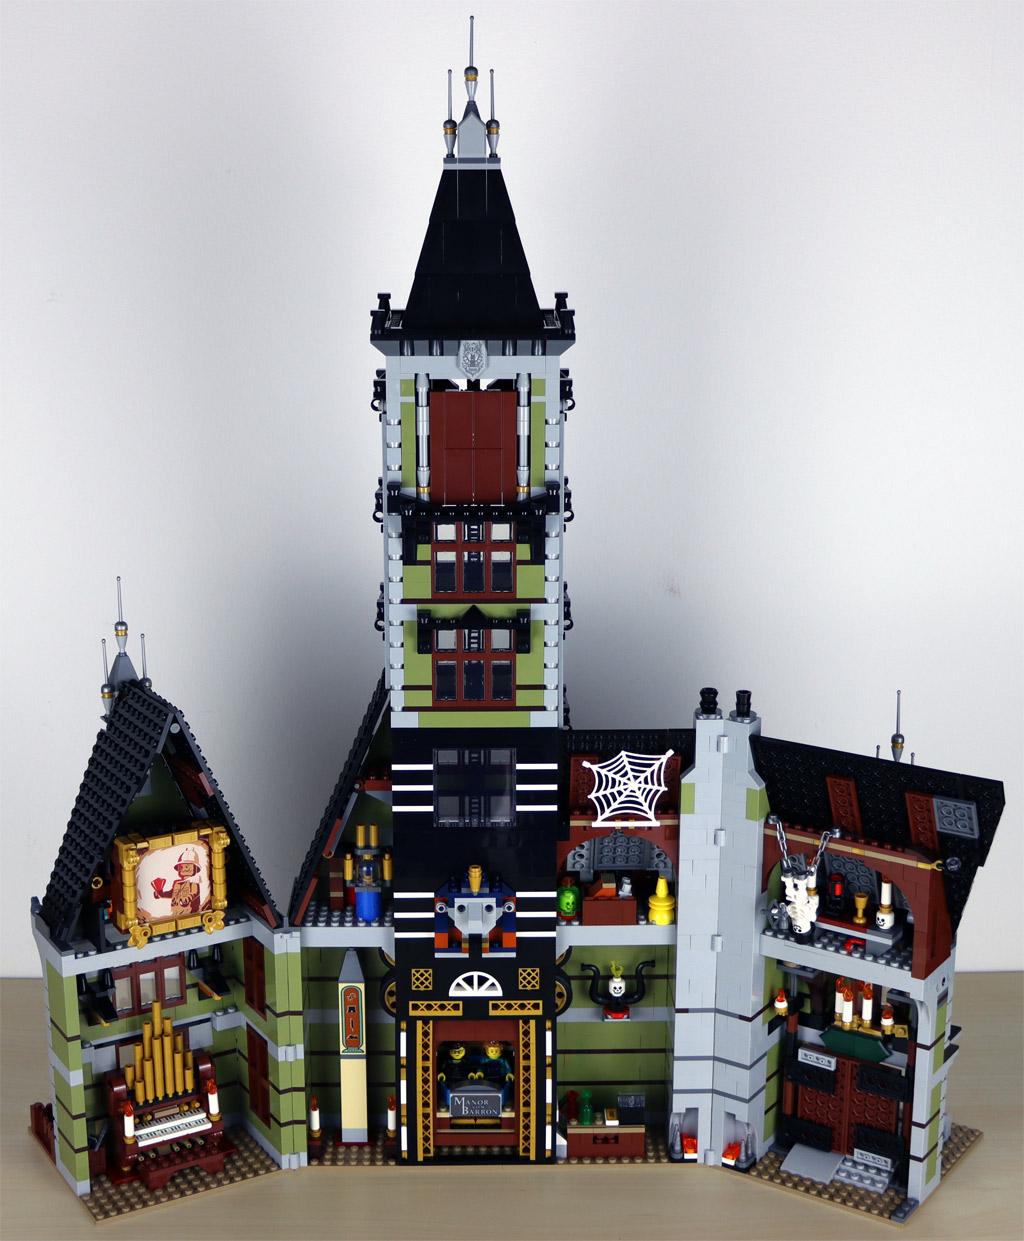 lego-10273-hautend-house-geisterhaus-auf-dem--jahrmarkt-fairground-edition-villa-offen-2020-zusammengebaut-andres-lehmann zusammengebaut.com